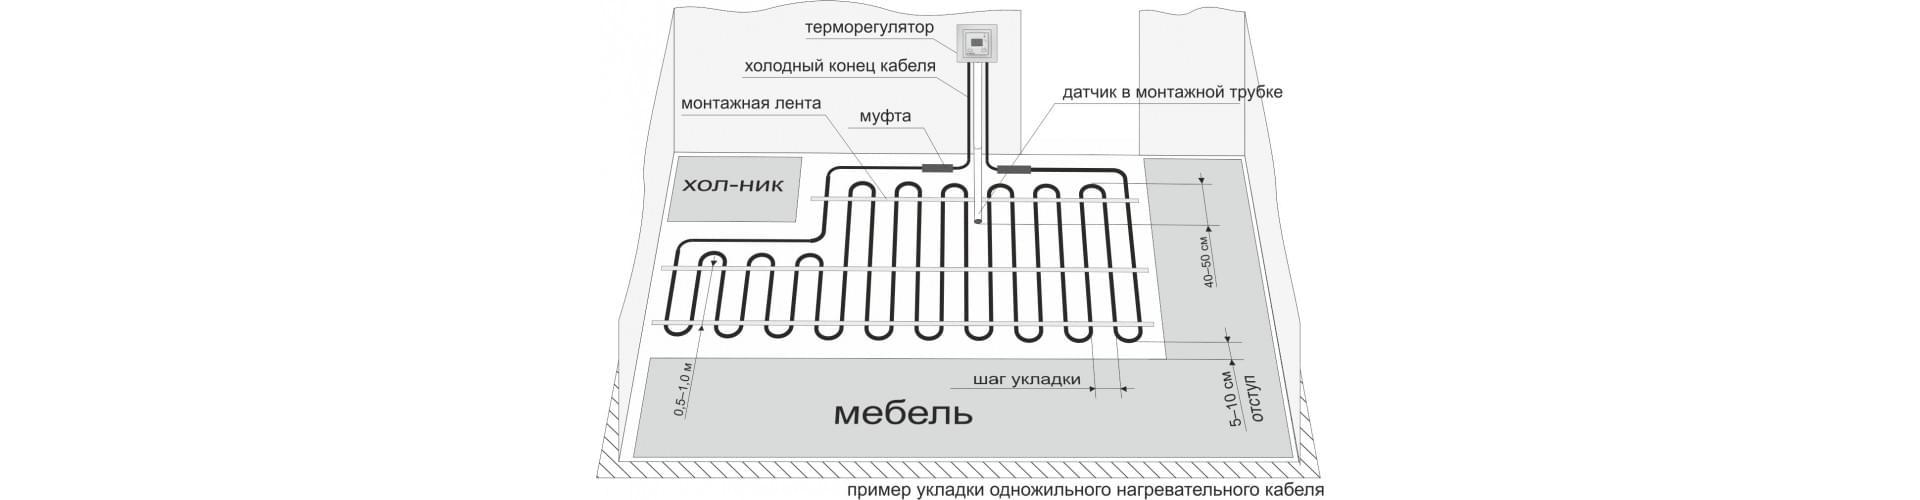 Электрический теплый пол принцип работы и секреты монтажа электрического пола